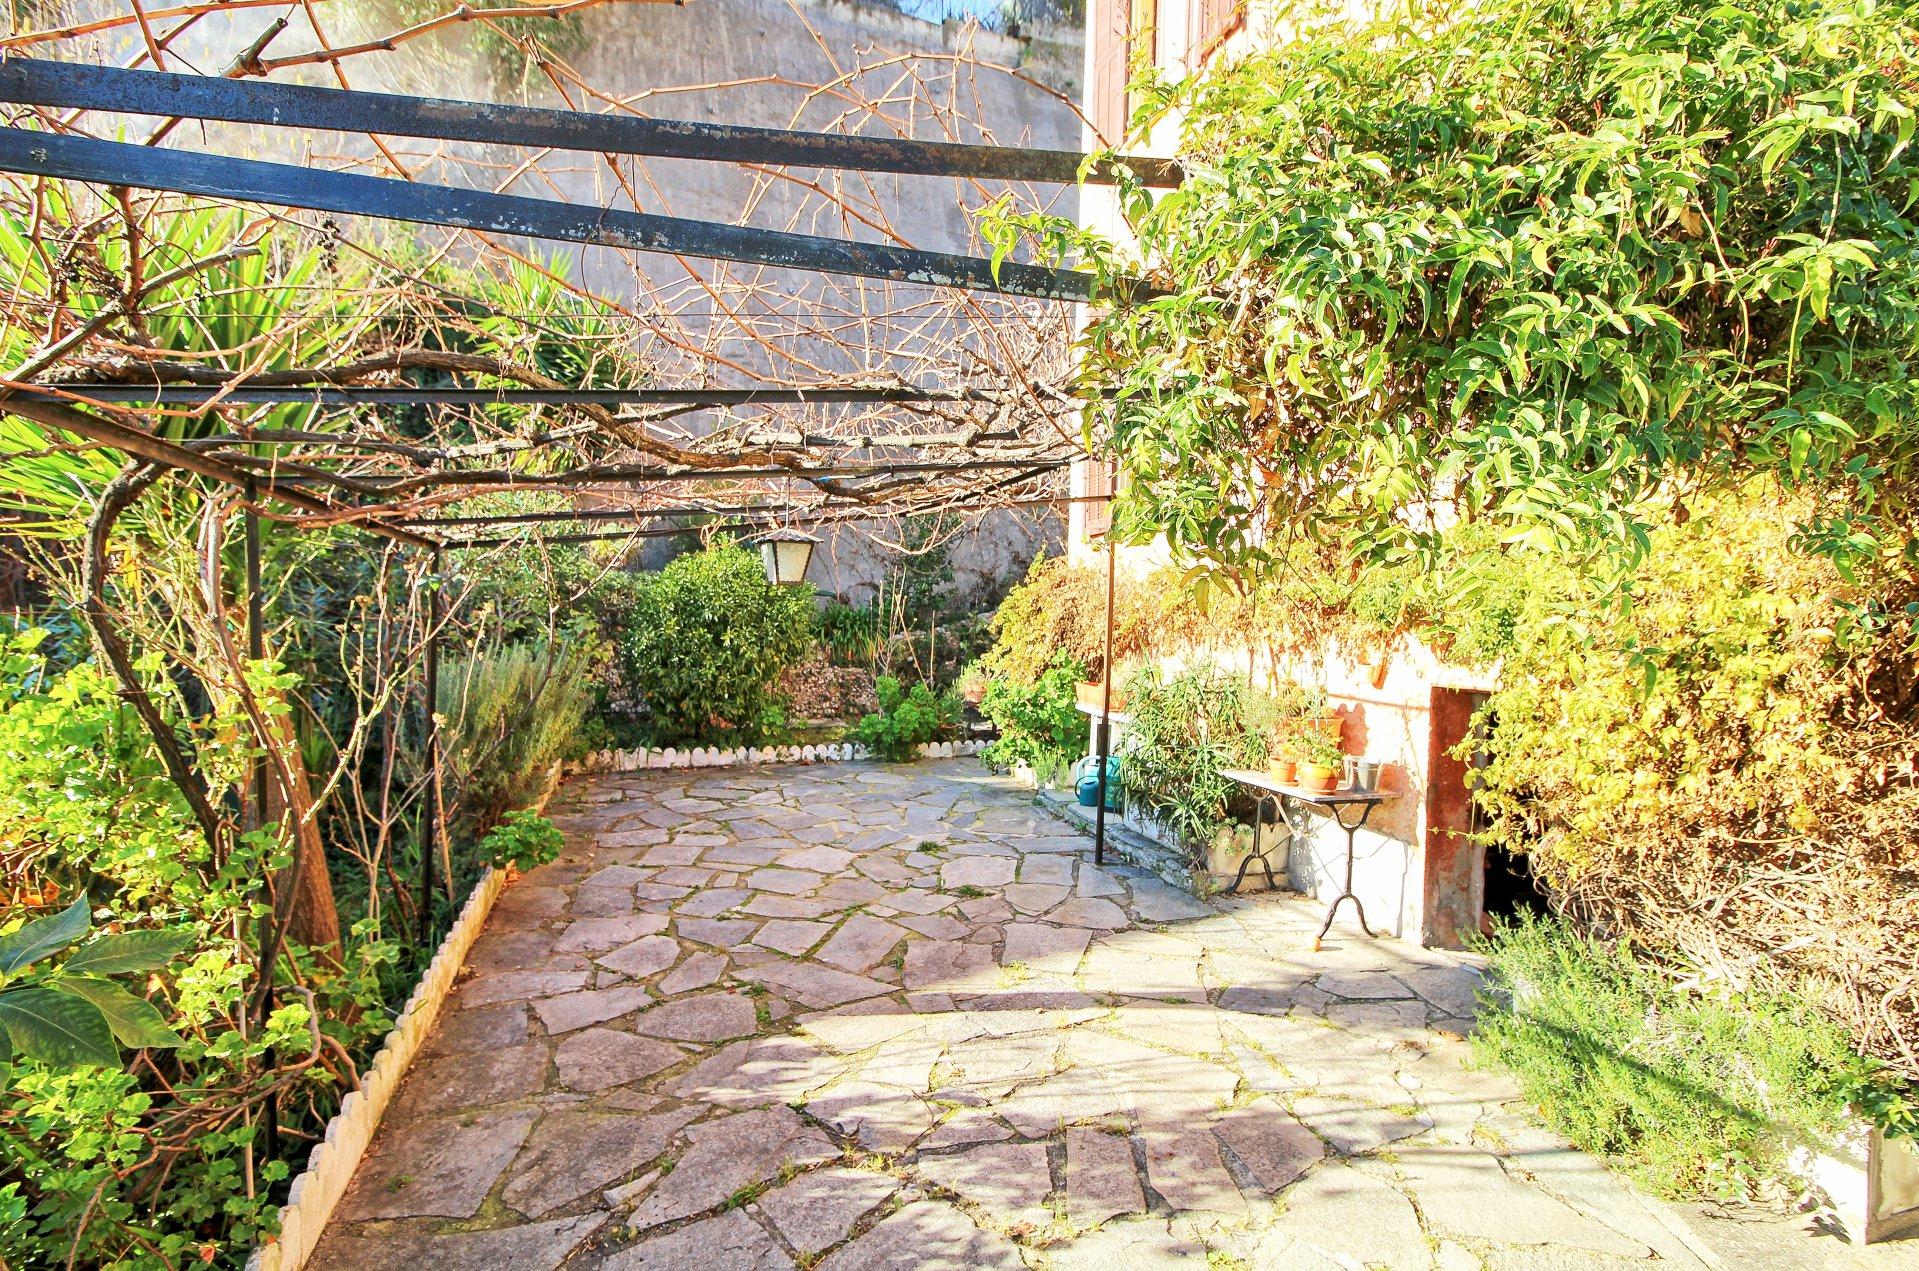 Maison, 4 pièces, jardin, maison niçoise, à vendre, Nice, Cernuschi